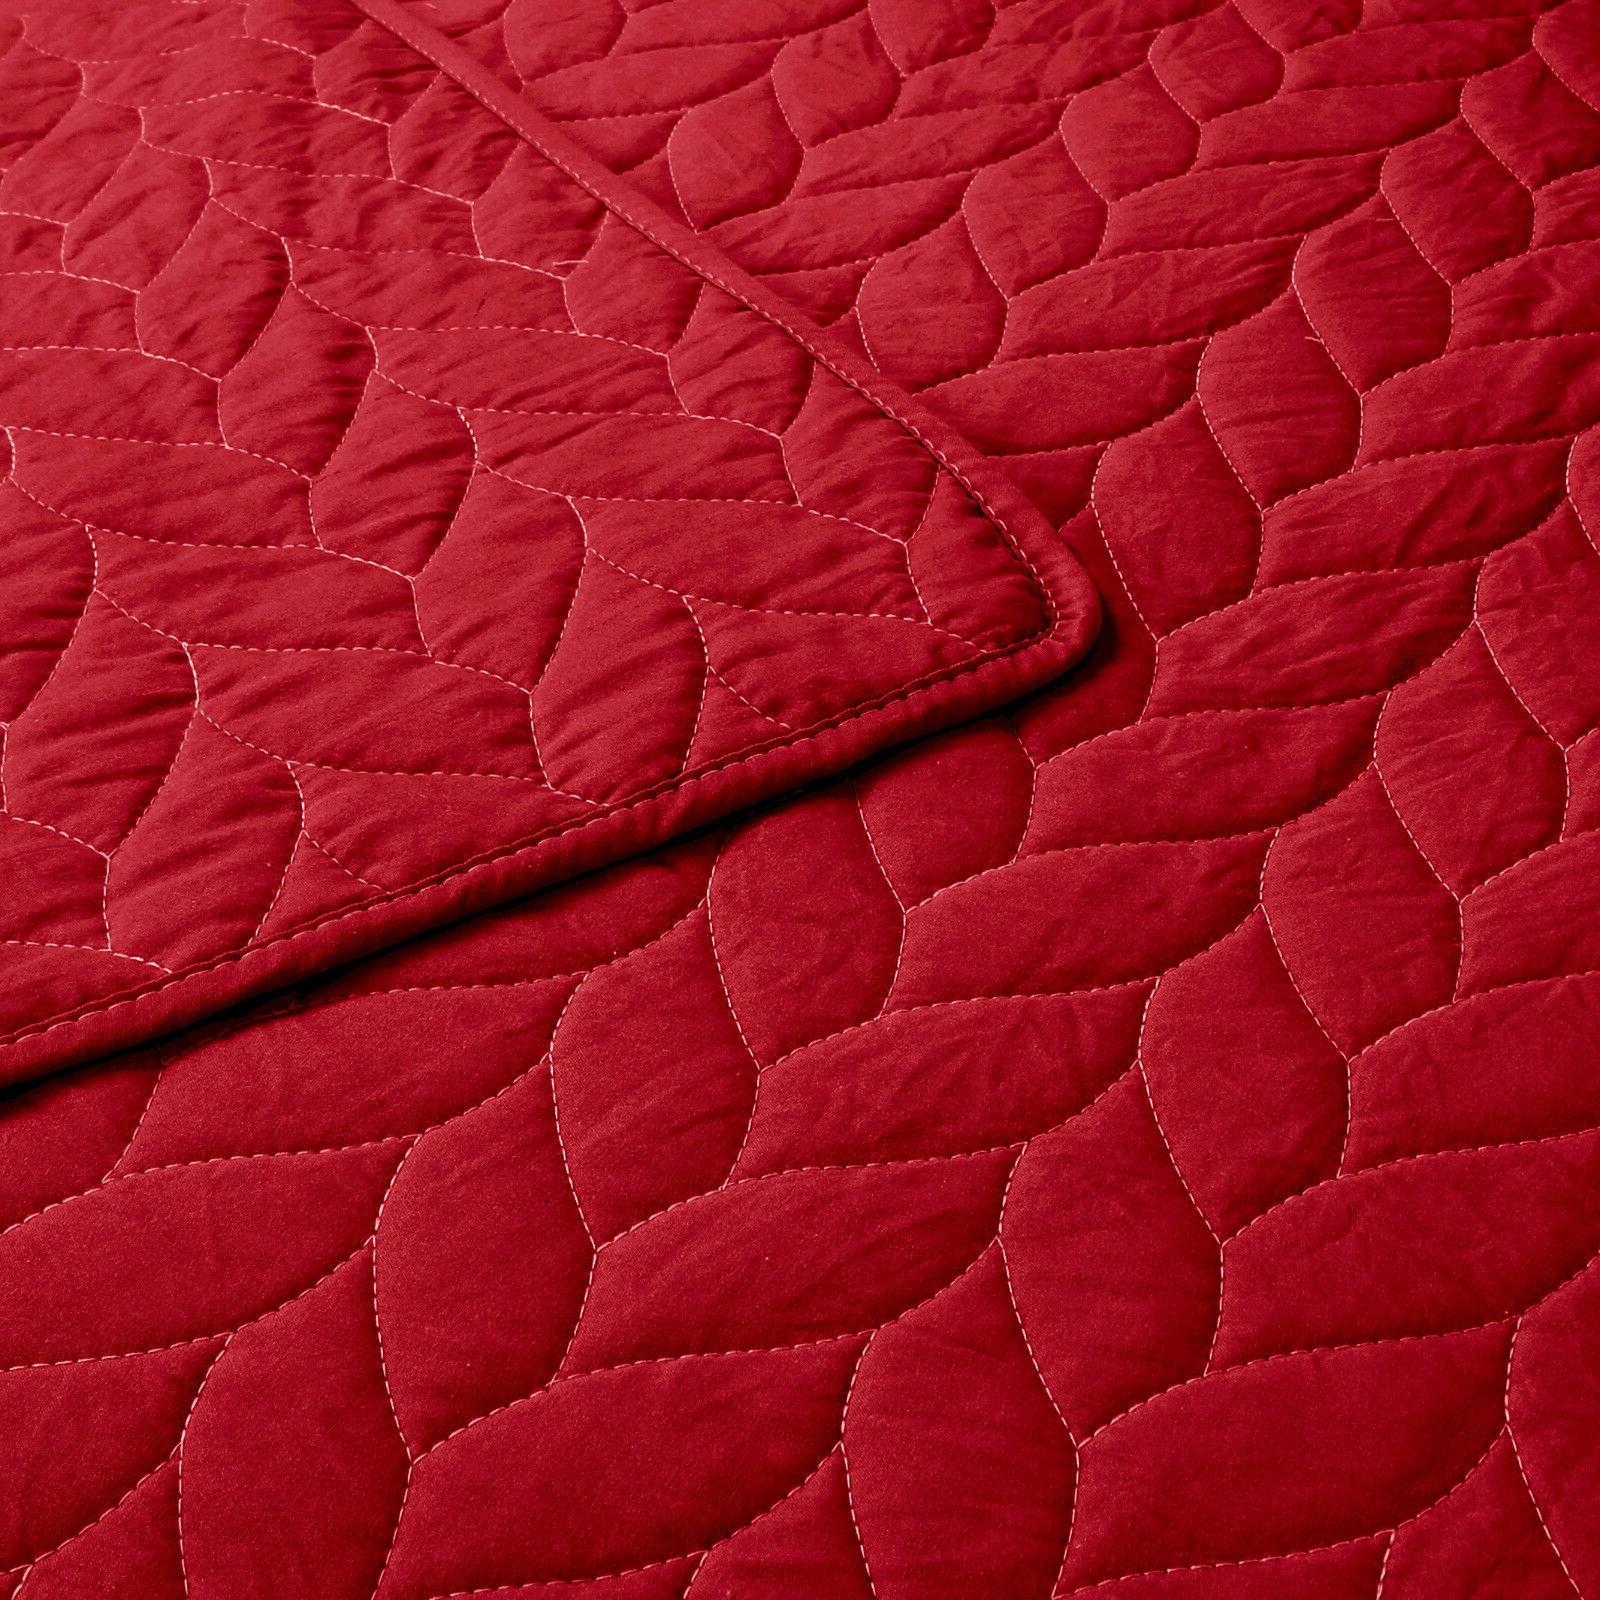 3 Lightweight Quilt Set Microfiber Prewashed, Queen